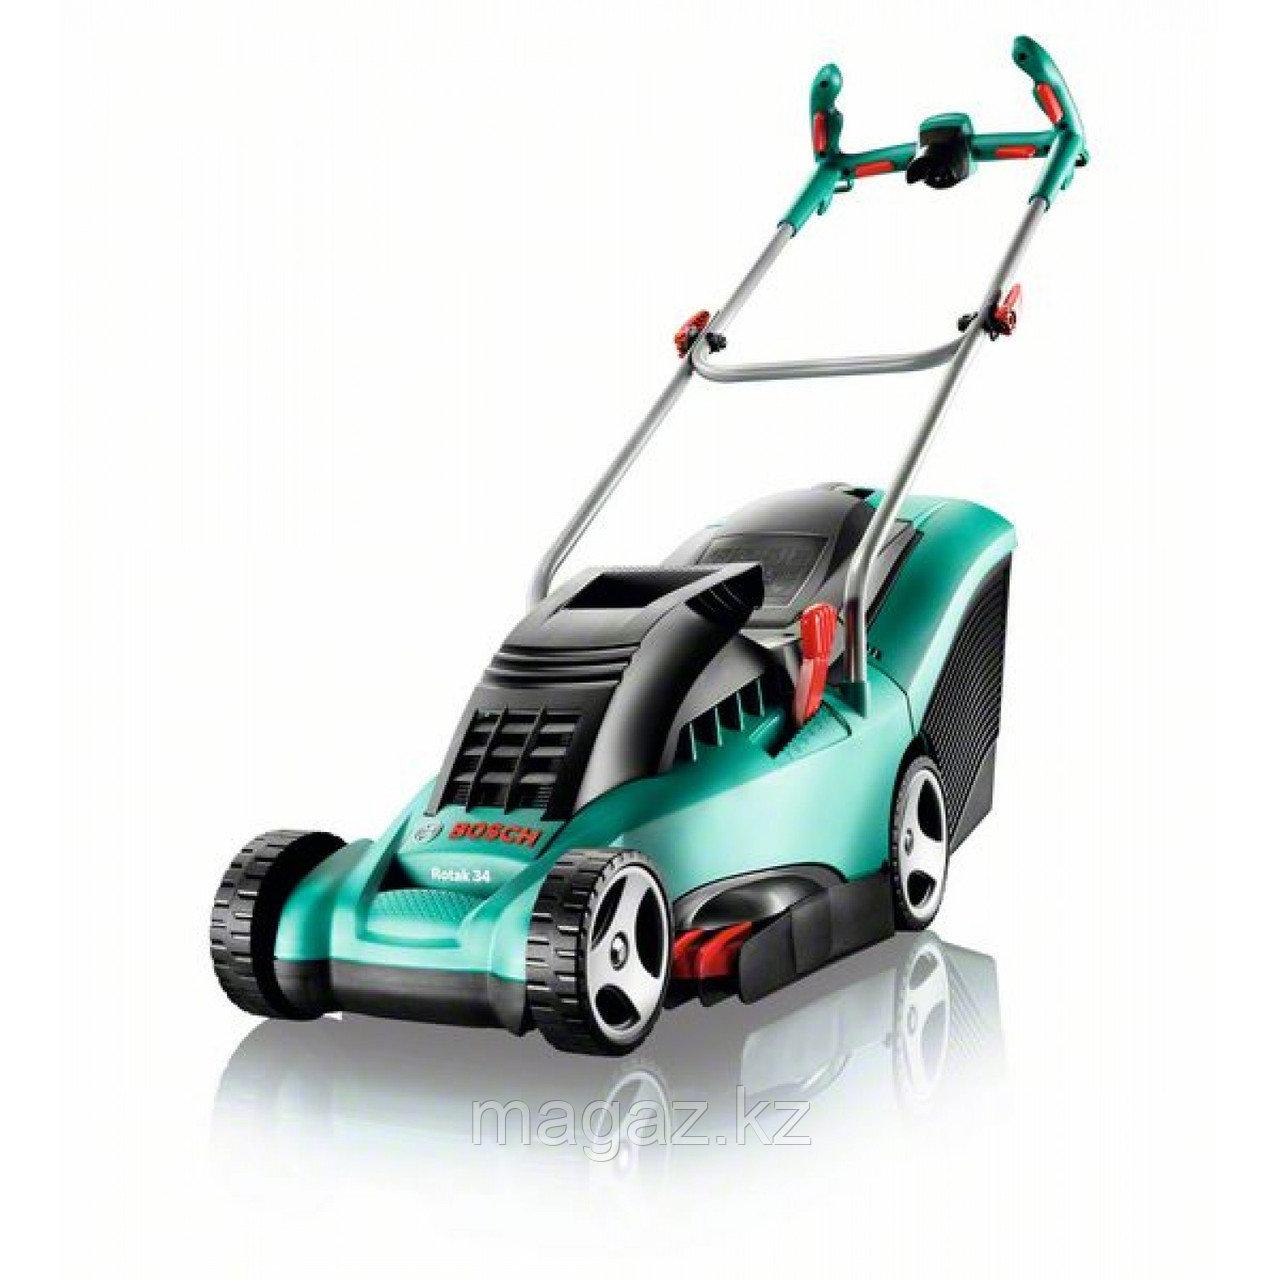 Роторная газонокосилка Bosch ARM 34